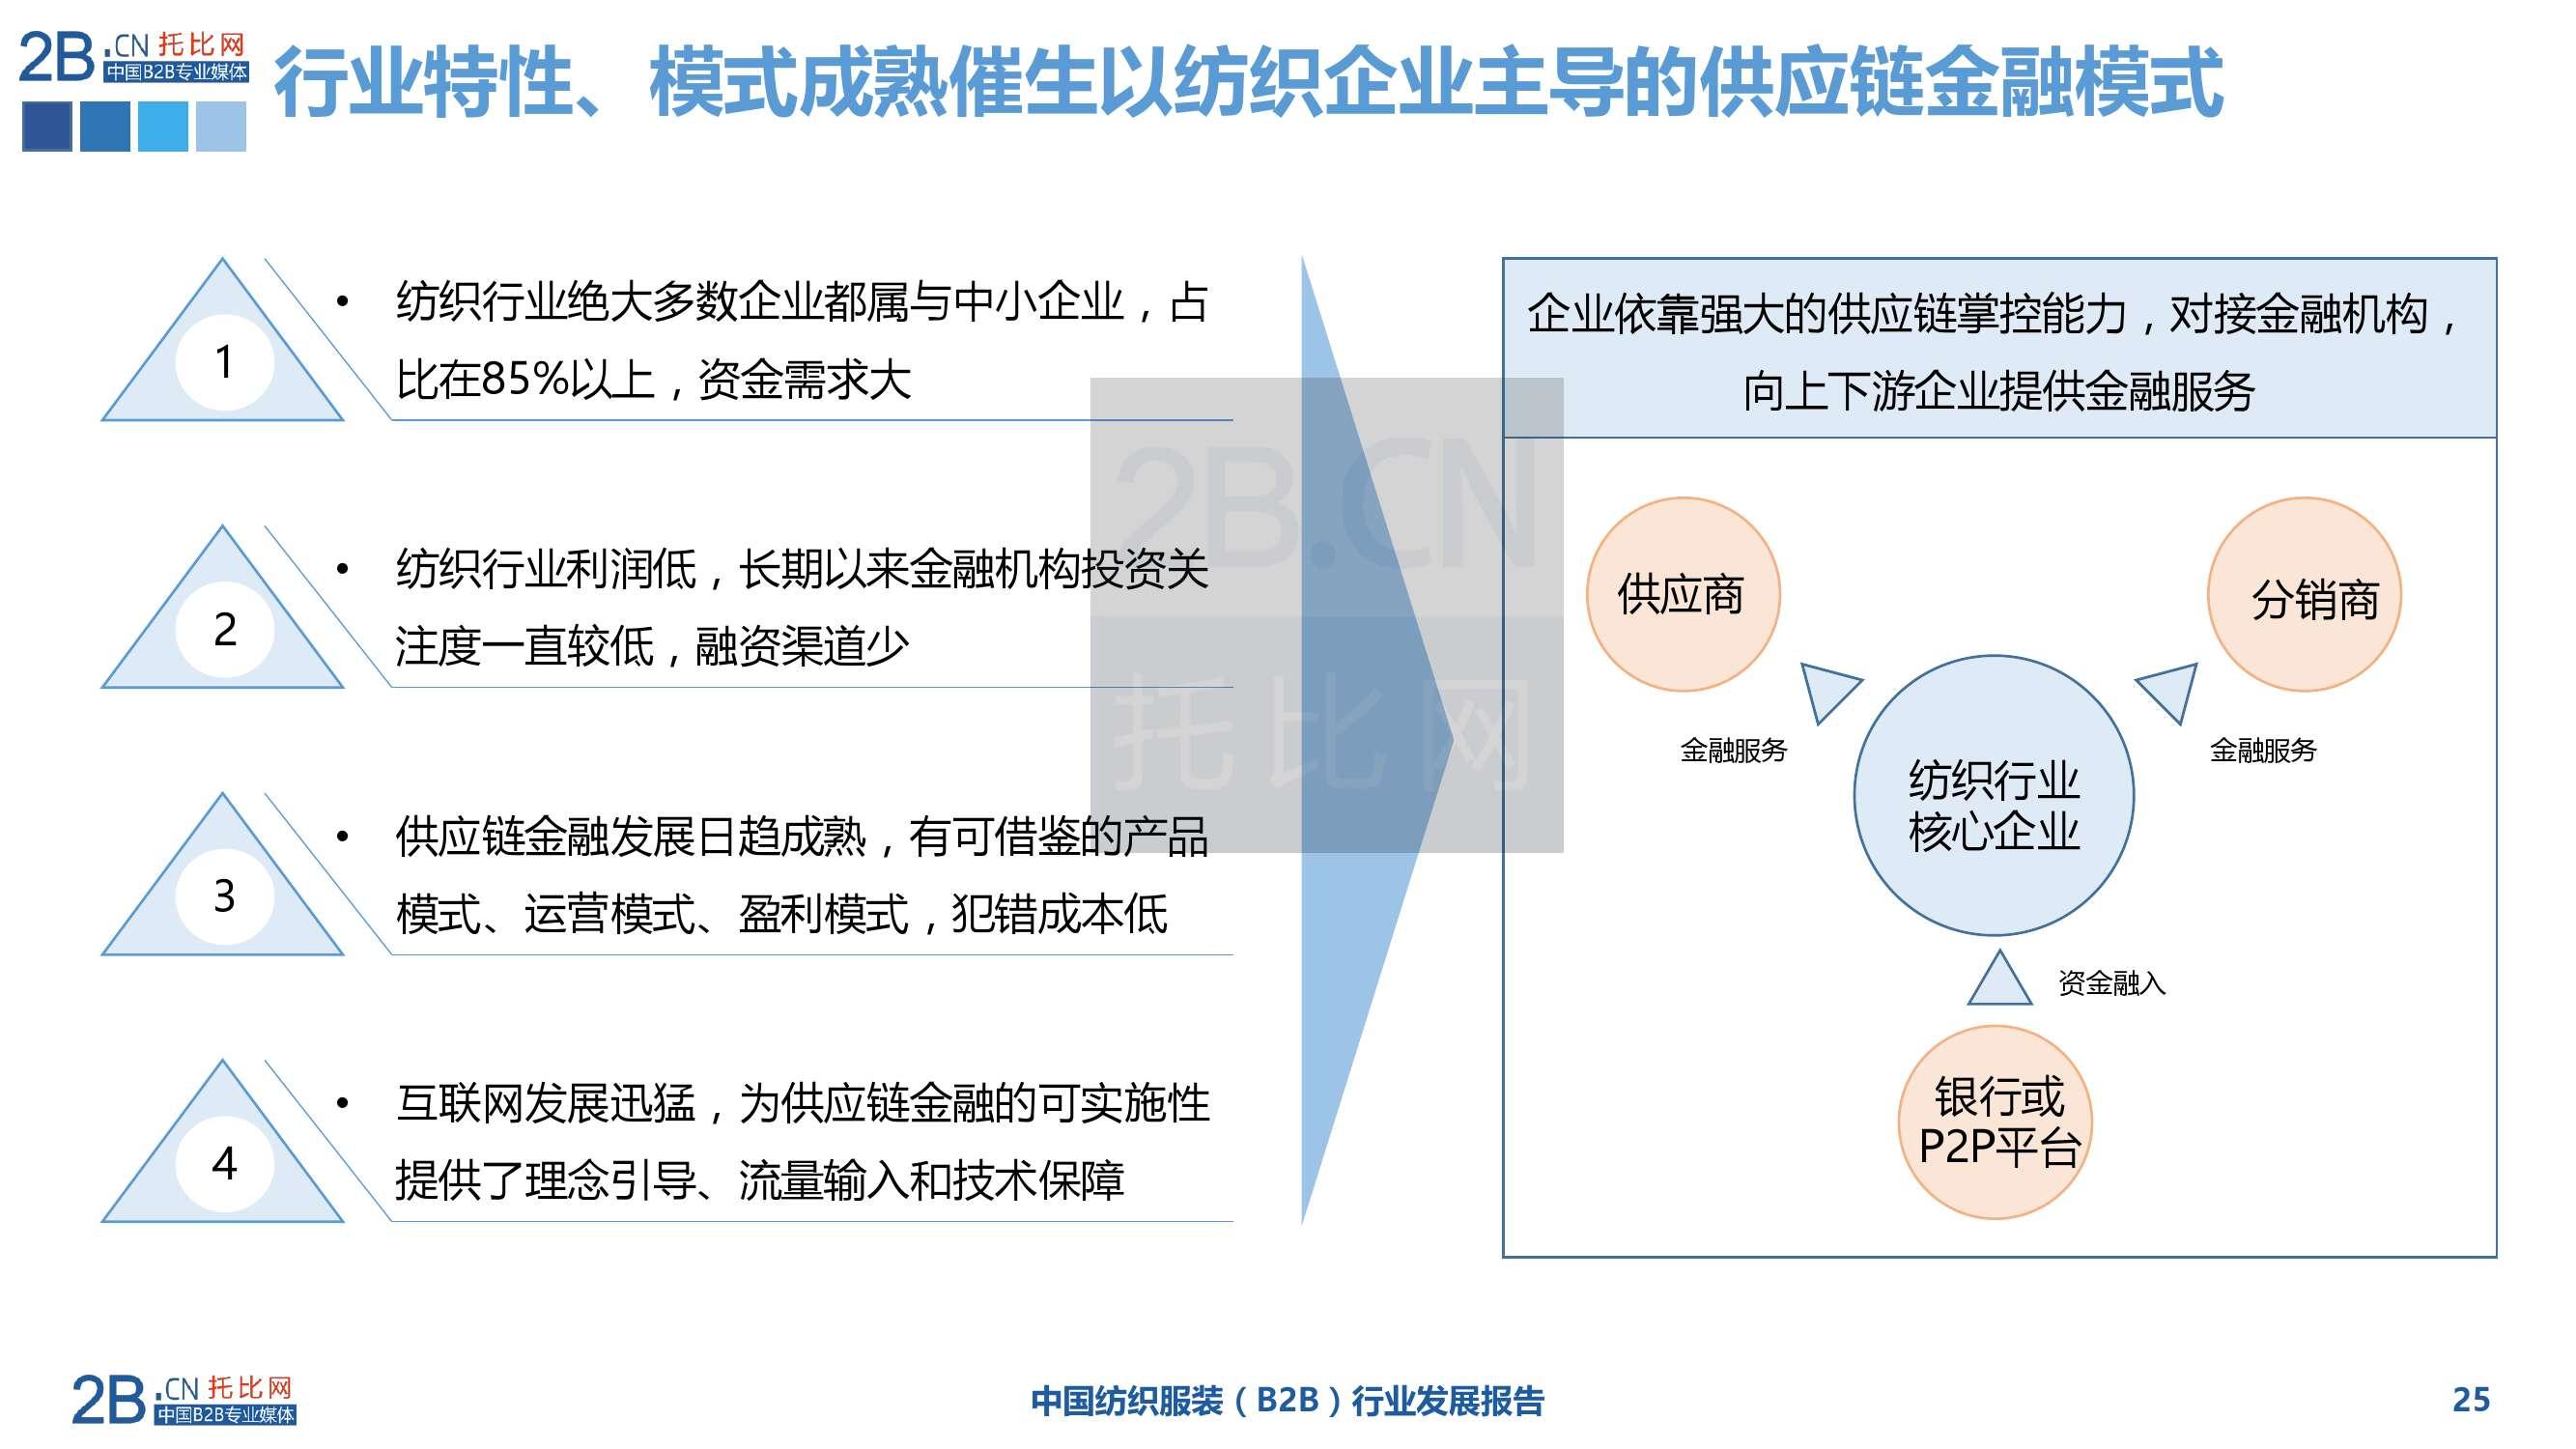 2015年中国纺织服装B2B行业发展报告_000025